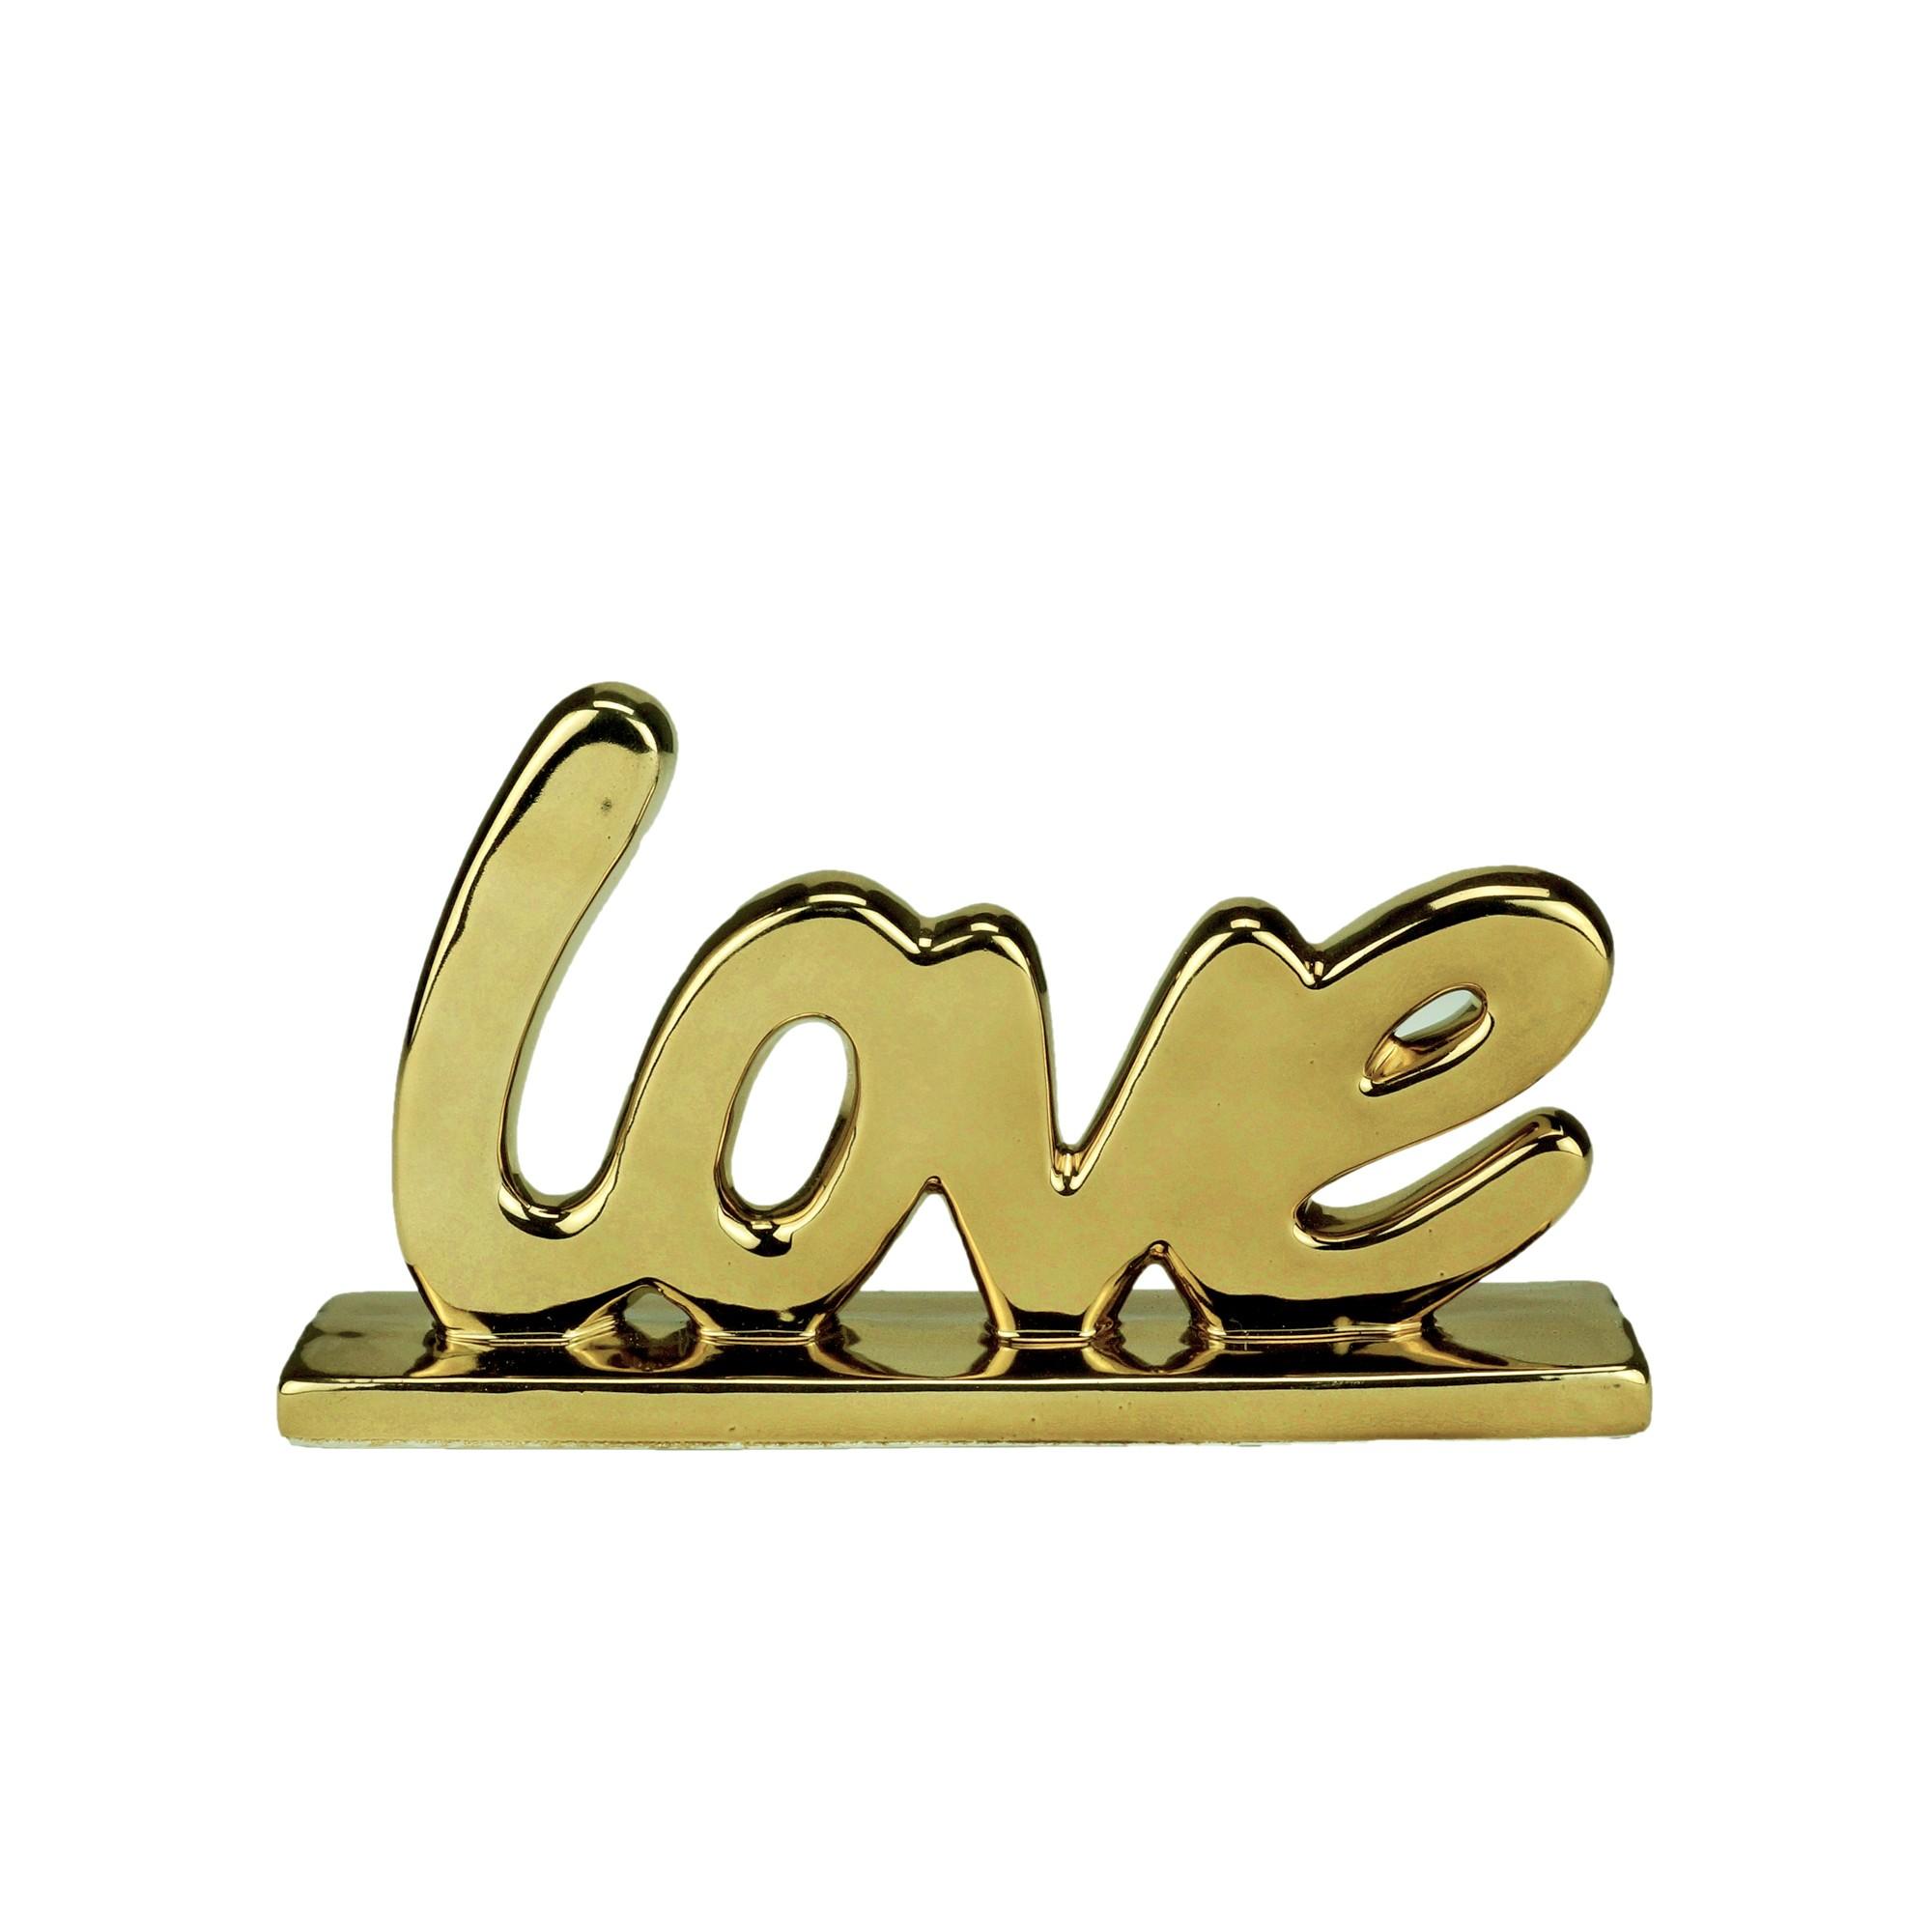 Enfeite Decorativo Porcelana Love 11cm Dourado 44368 - Urban